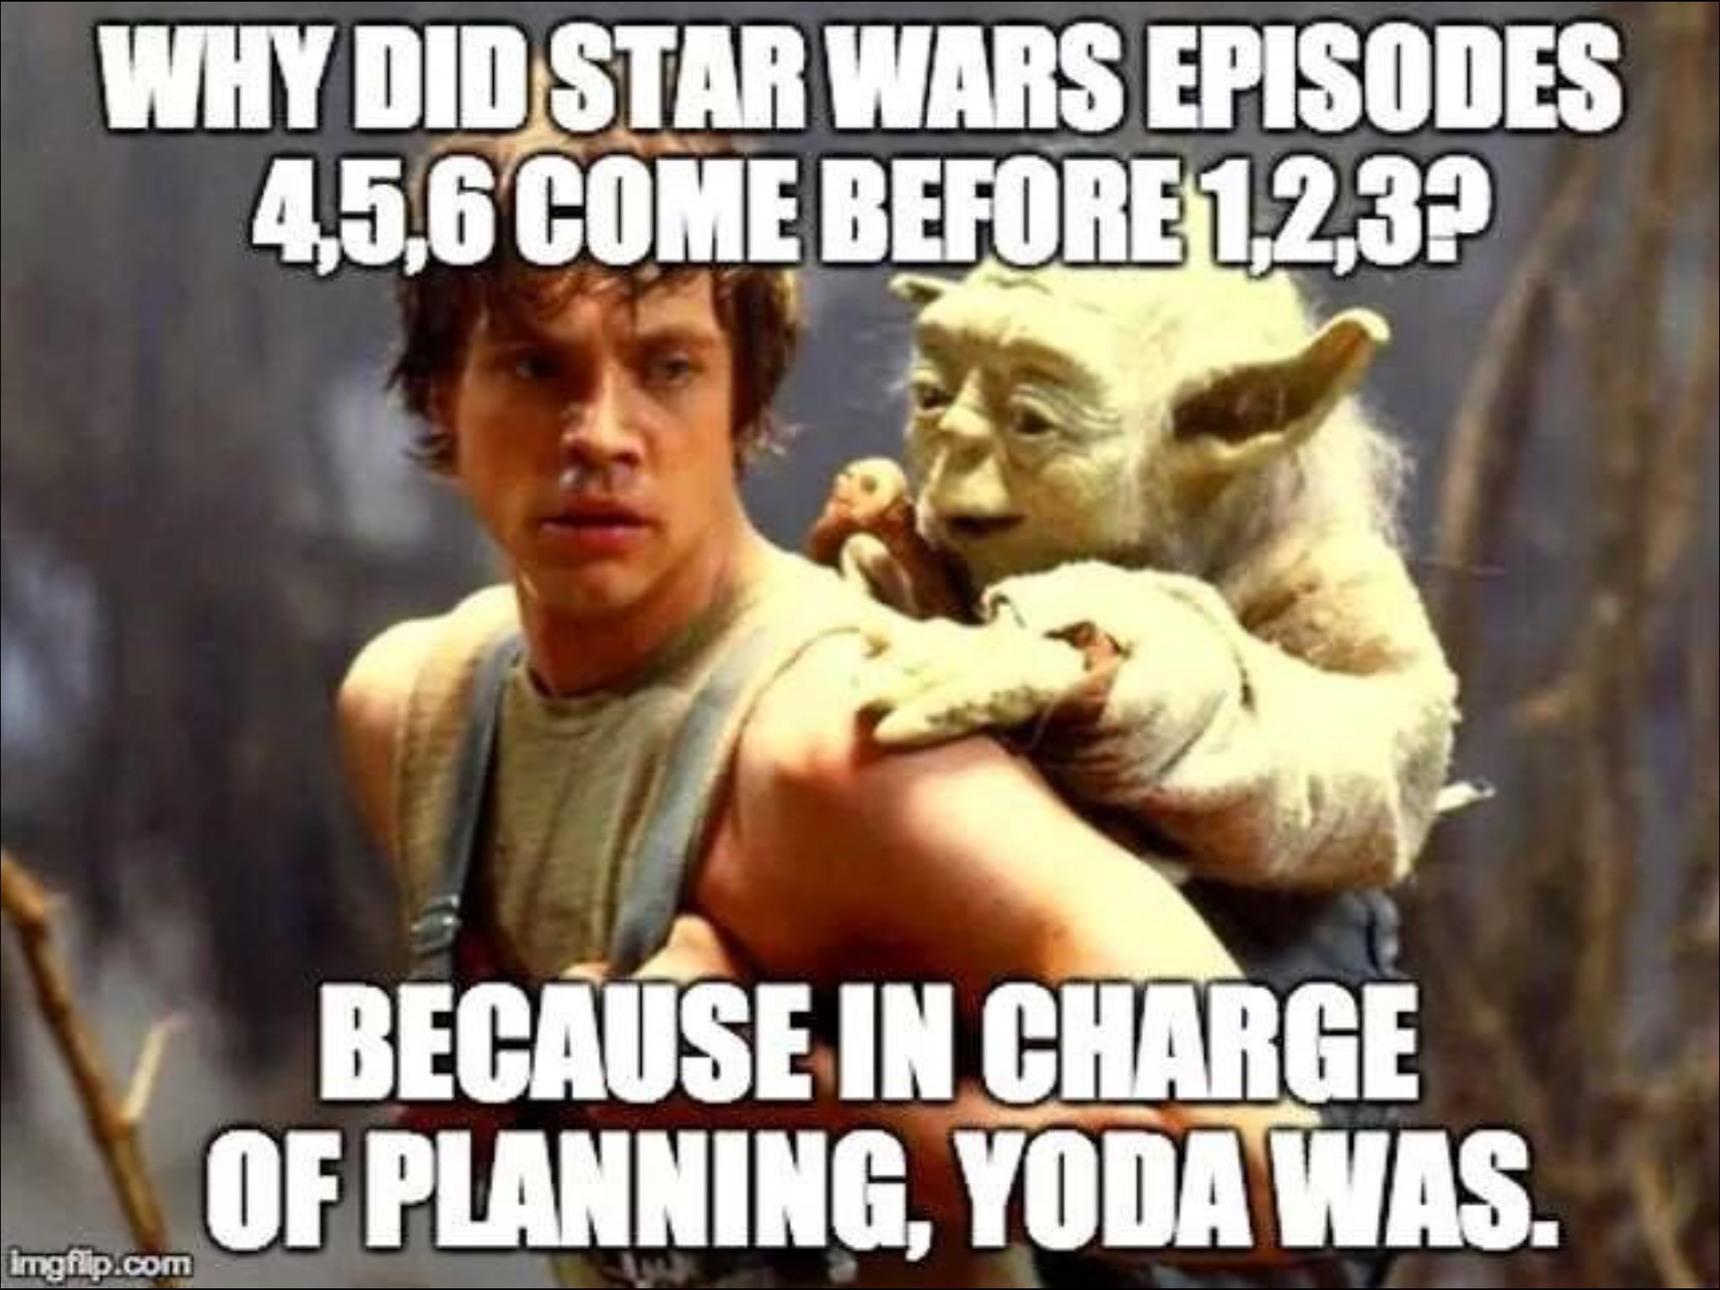 tout s'explique ! traduction pour les anglophobes : Pourquoi les episodes 4,5,6 de star wars sont sortis avant les épisodes 1,2,3 ?   -Parce que chargé du planning Yoda fut. - meme